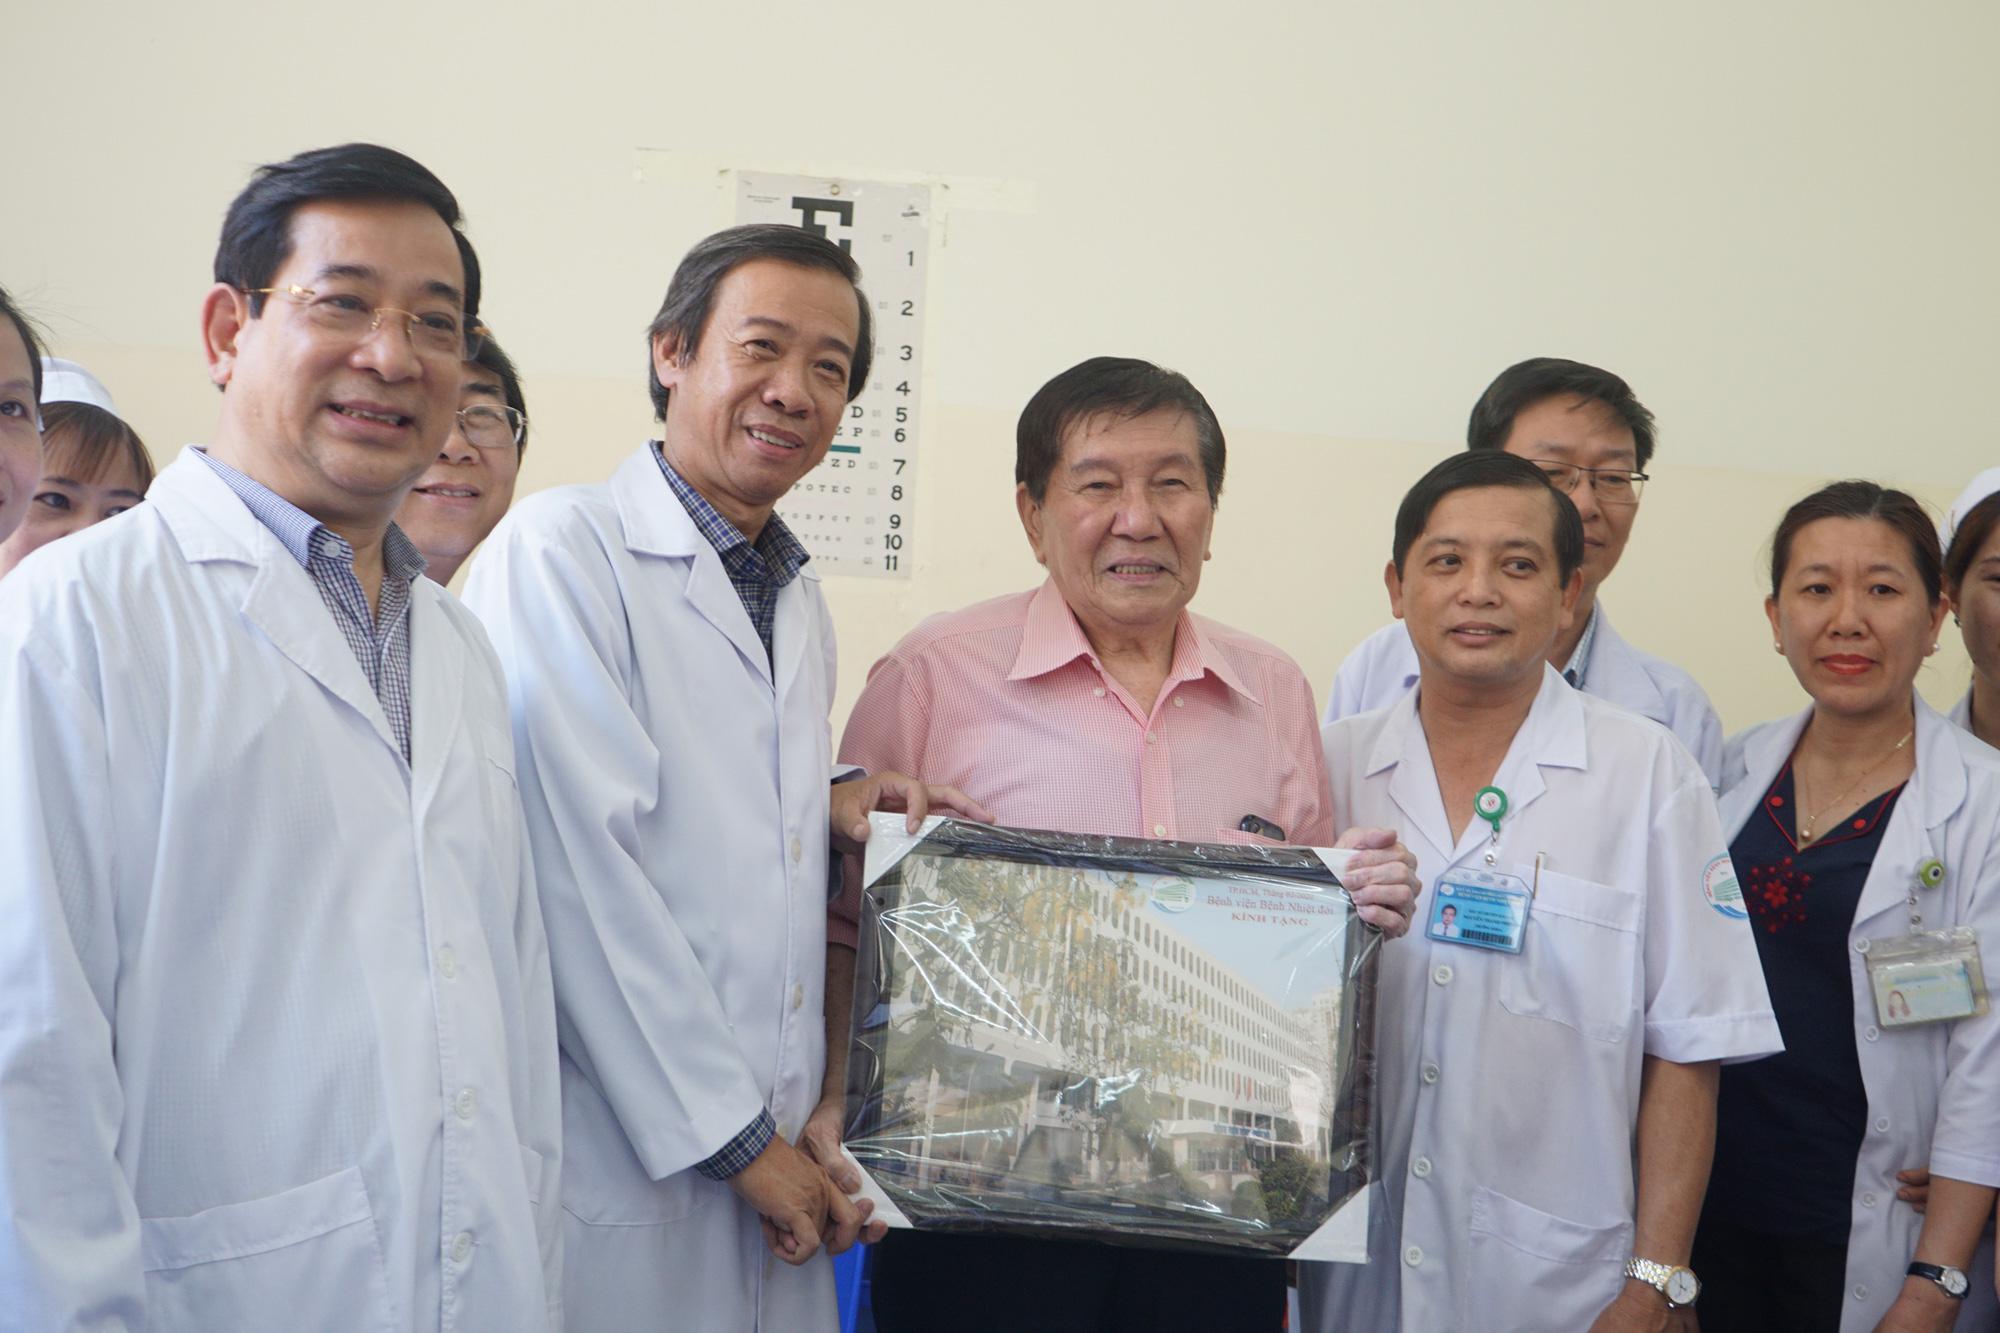 Bệnh nhân thứ 3 nhiễm corona ở Sài Gòn được chữa khỏi: Tôi từ chỗ chết trở về - Ảnh 11.